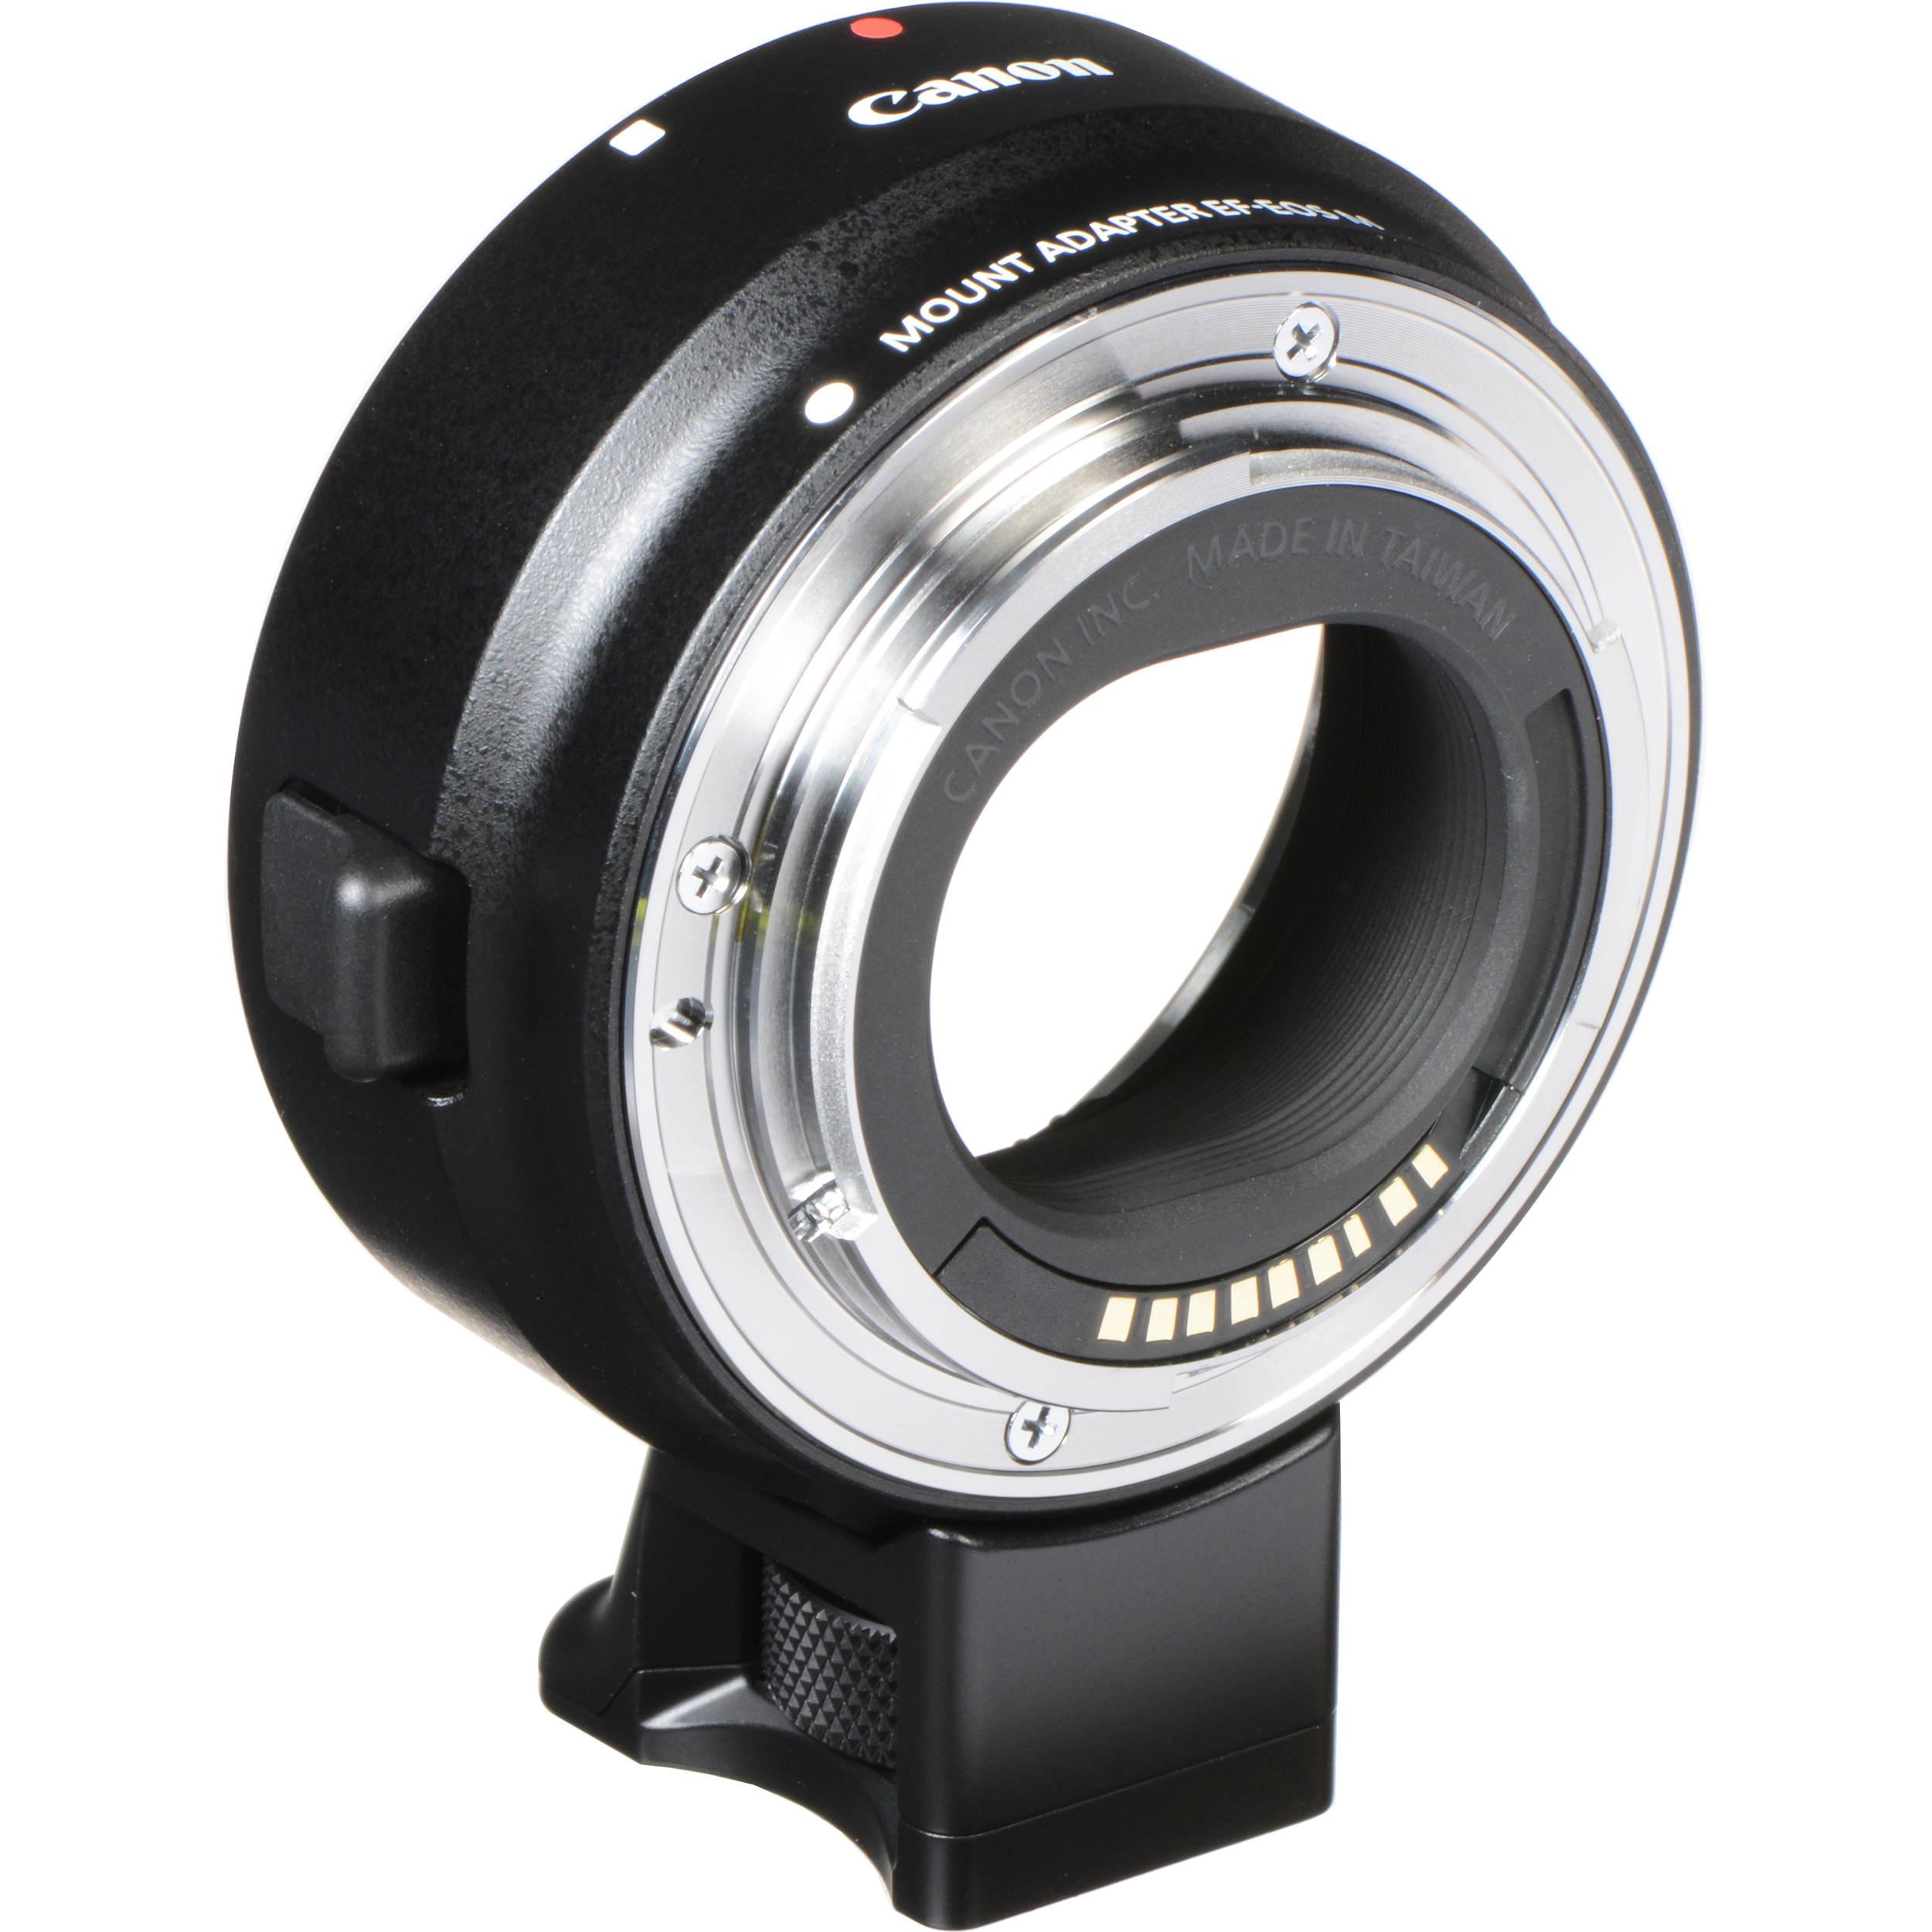 Canon EF-M Lens Adapter Kit for Canon EF / EF-S Lenses